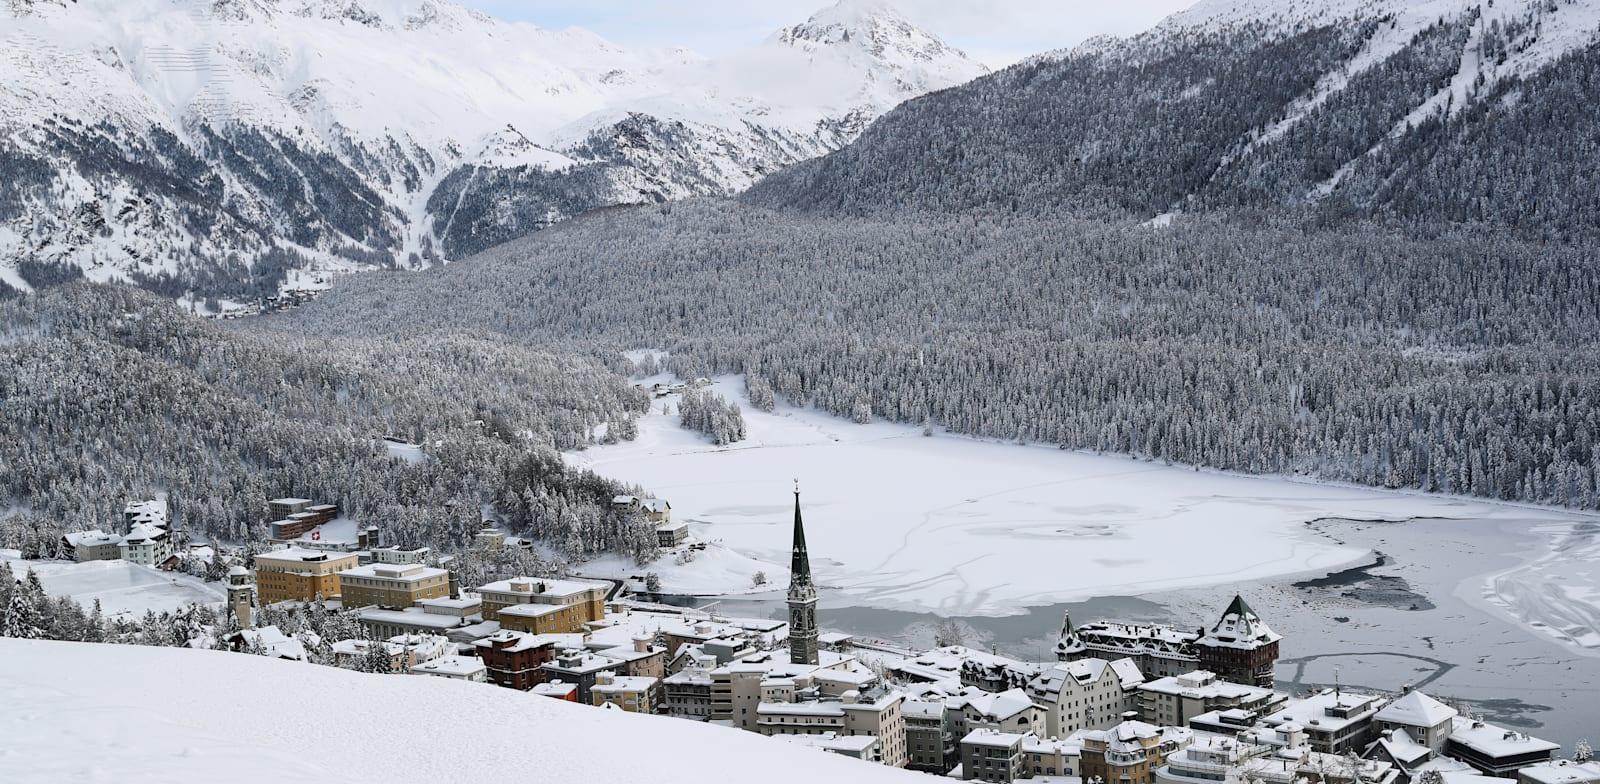 עיירת נופש שוממת בשוויץ. הרשויות החליטו על סגירת מסעדות, בארים ומקומות בילויים למשך יותר משישה שבועות / צילום: Reuters, Arnd Wiegmann